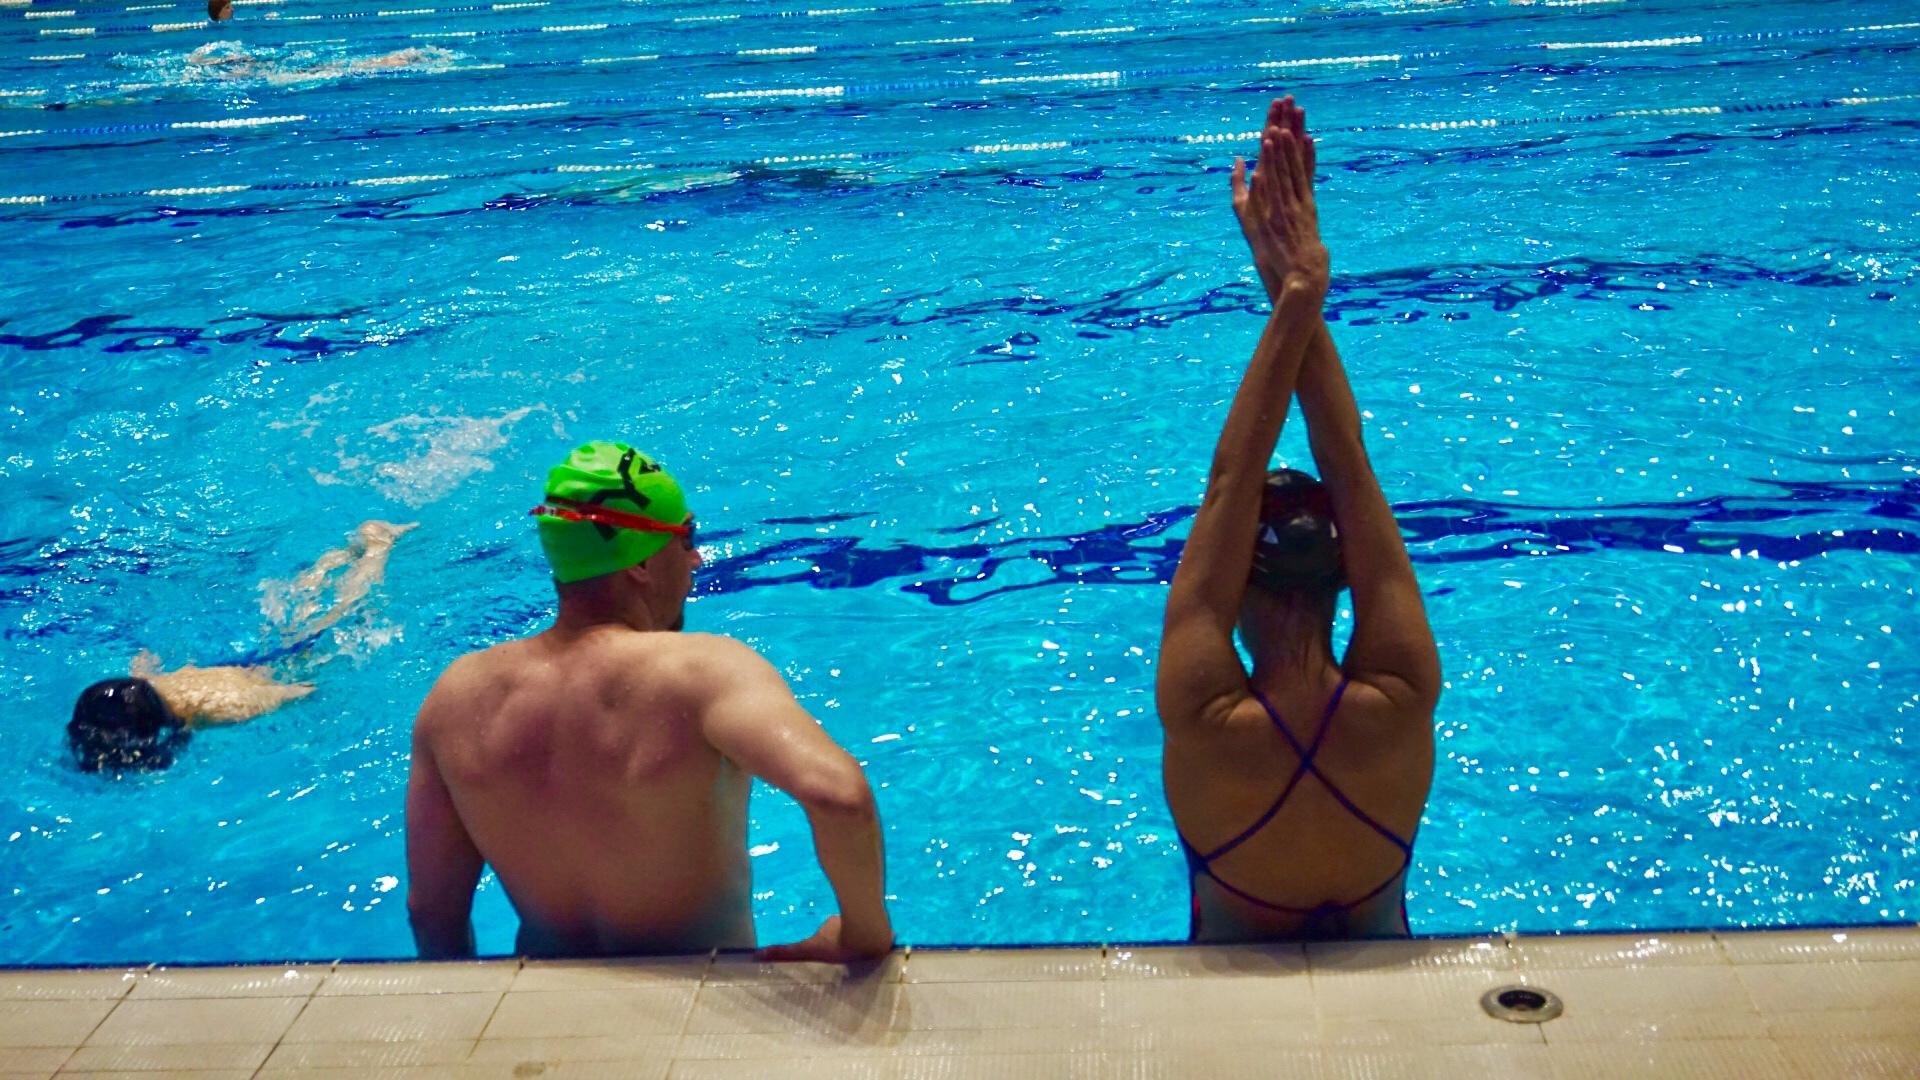 школа плавания войковская бассейн олимпийский бассейн в москве большой бассейн марина клаб бассейн секция плавания